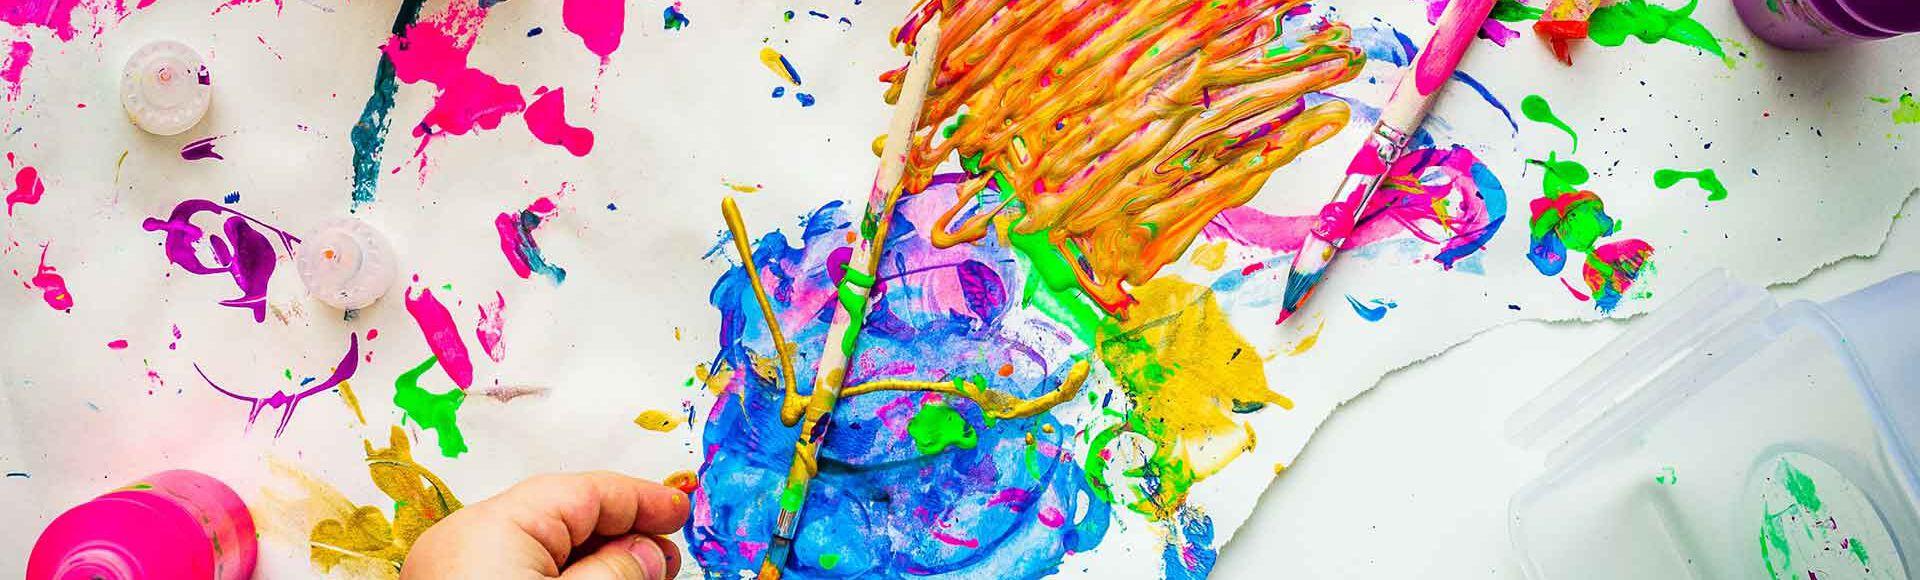 Benefícios da arte para crianças